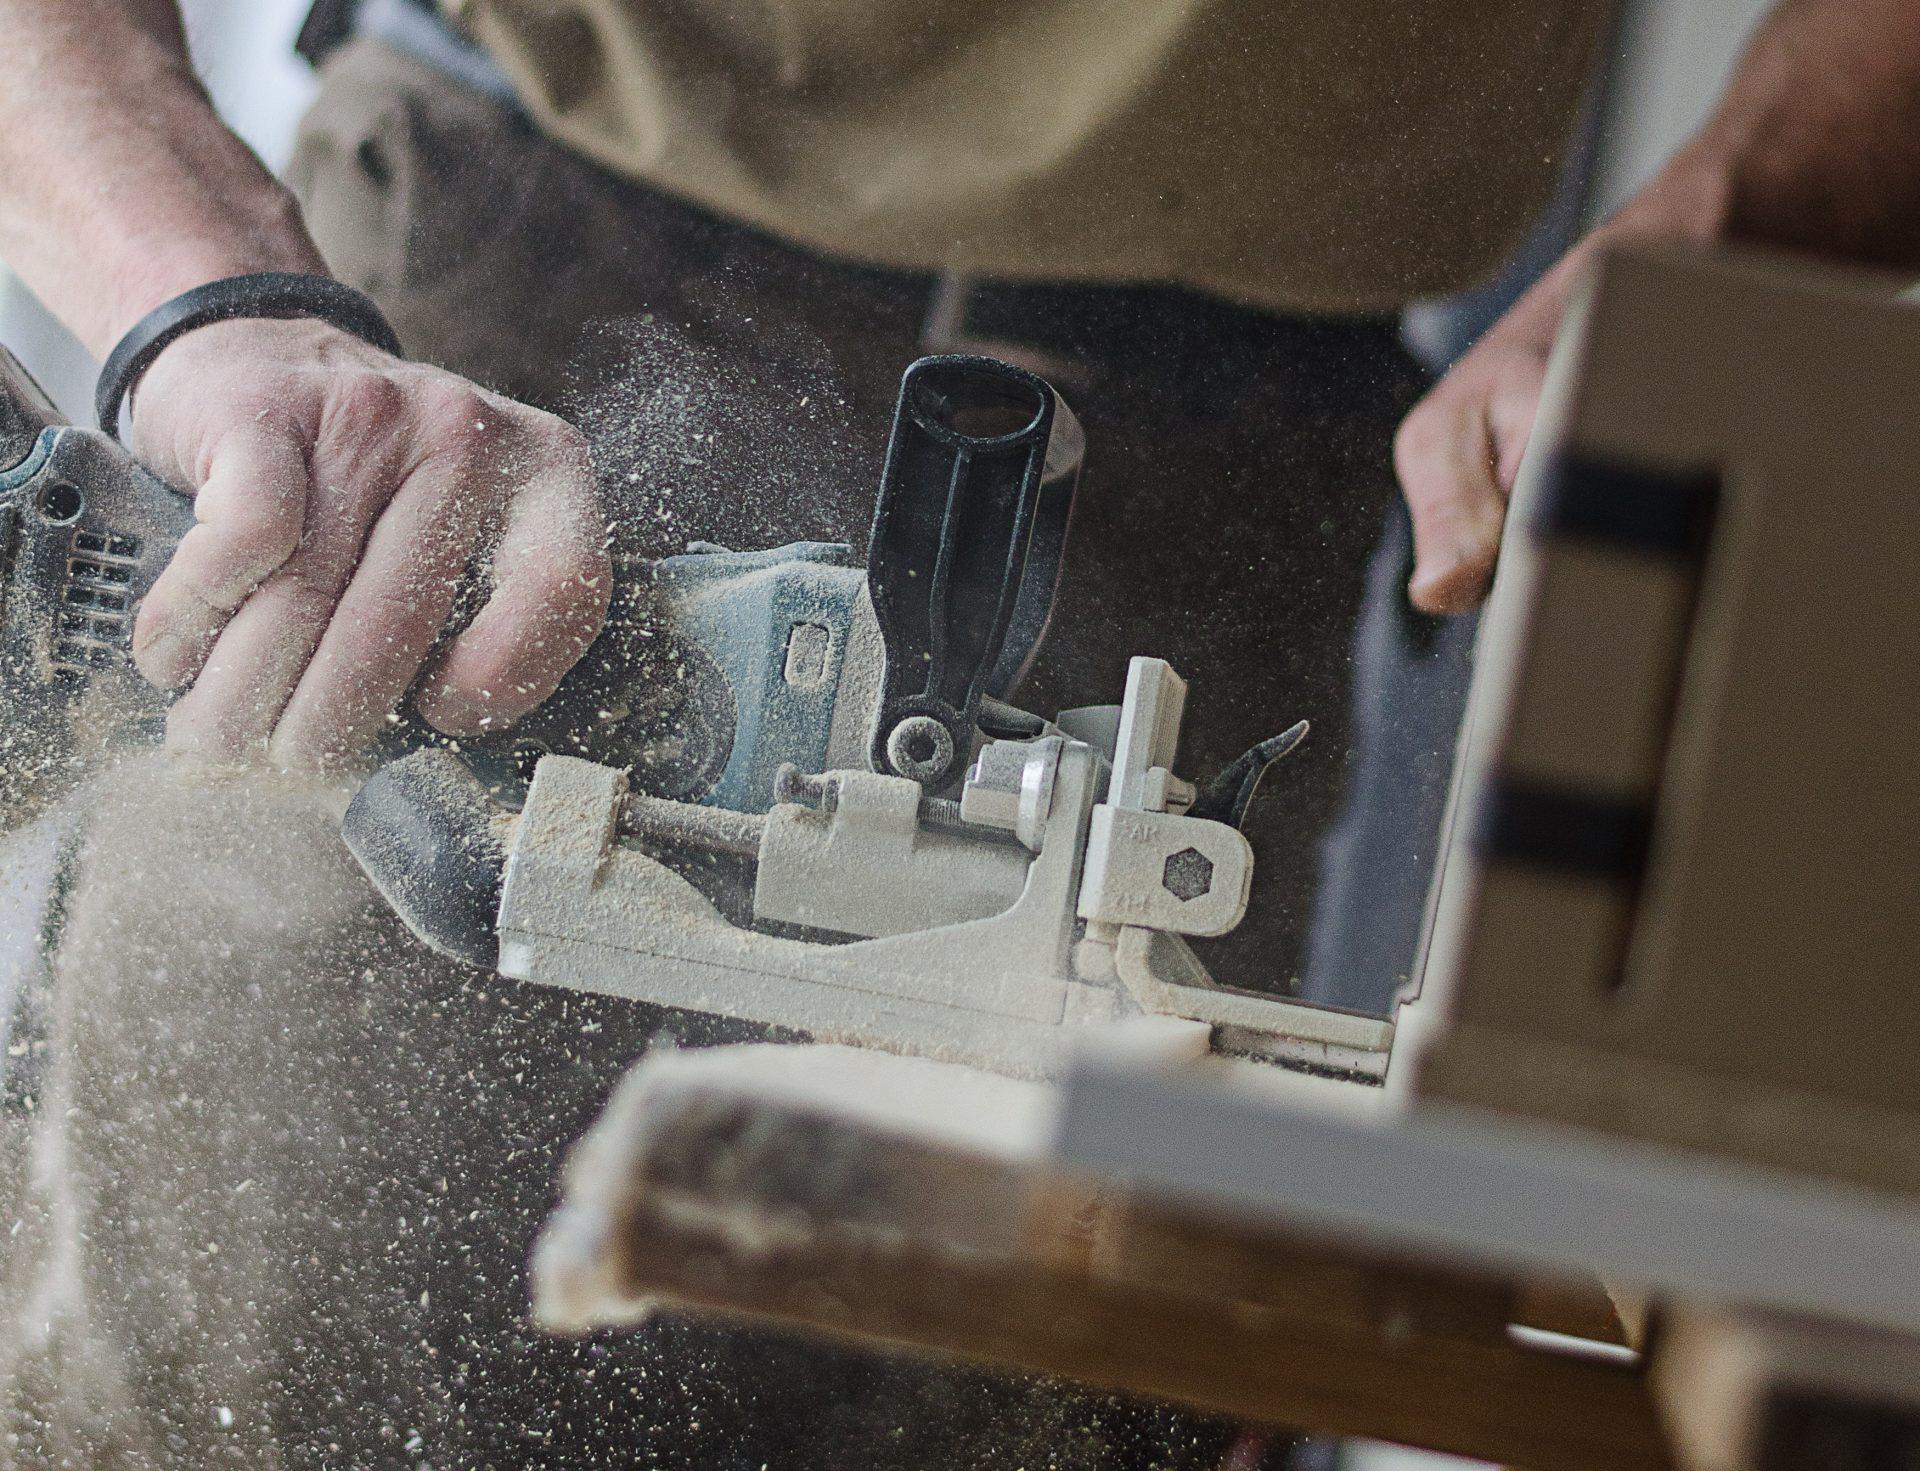 drevo-opracovavanie-stolar-stolarstvo-brusenie-piliny-nabytok